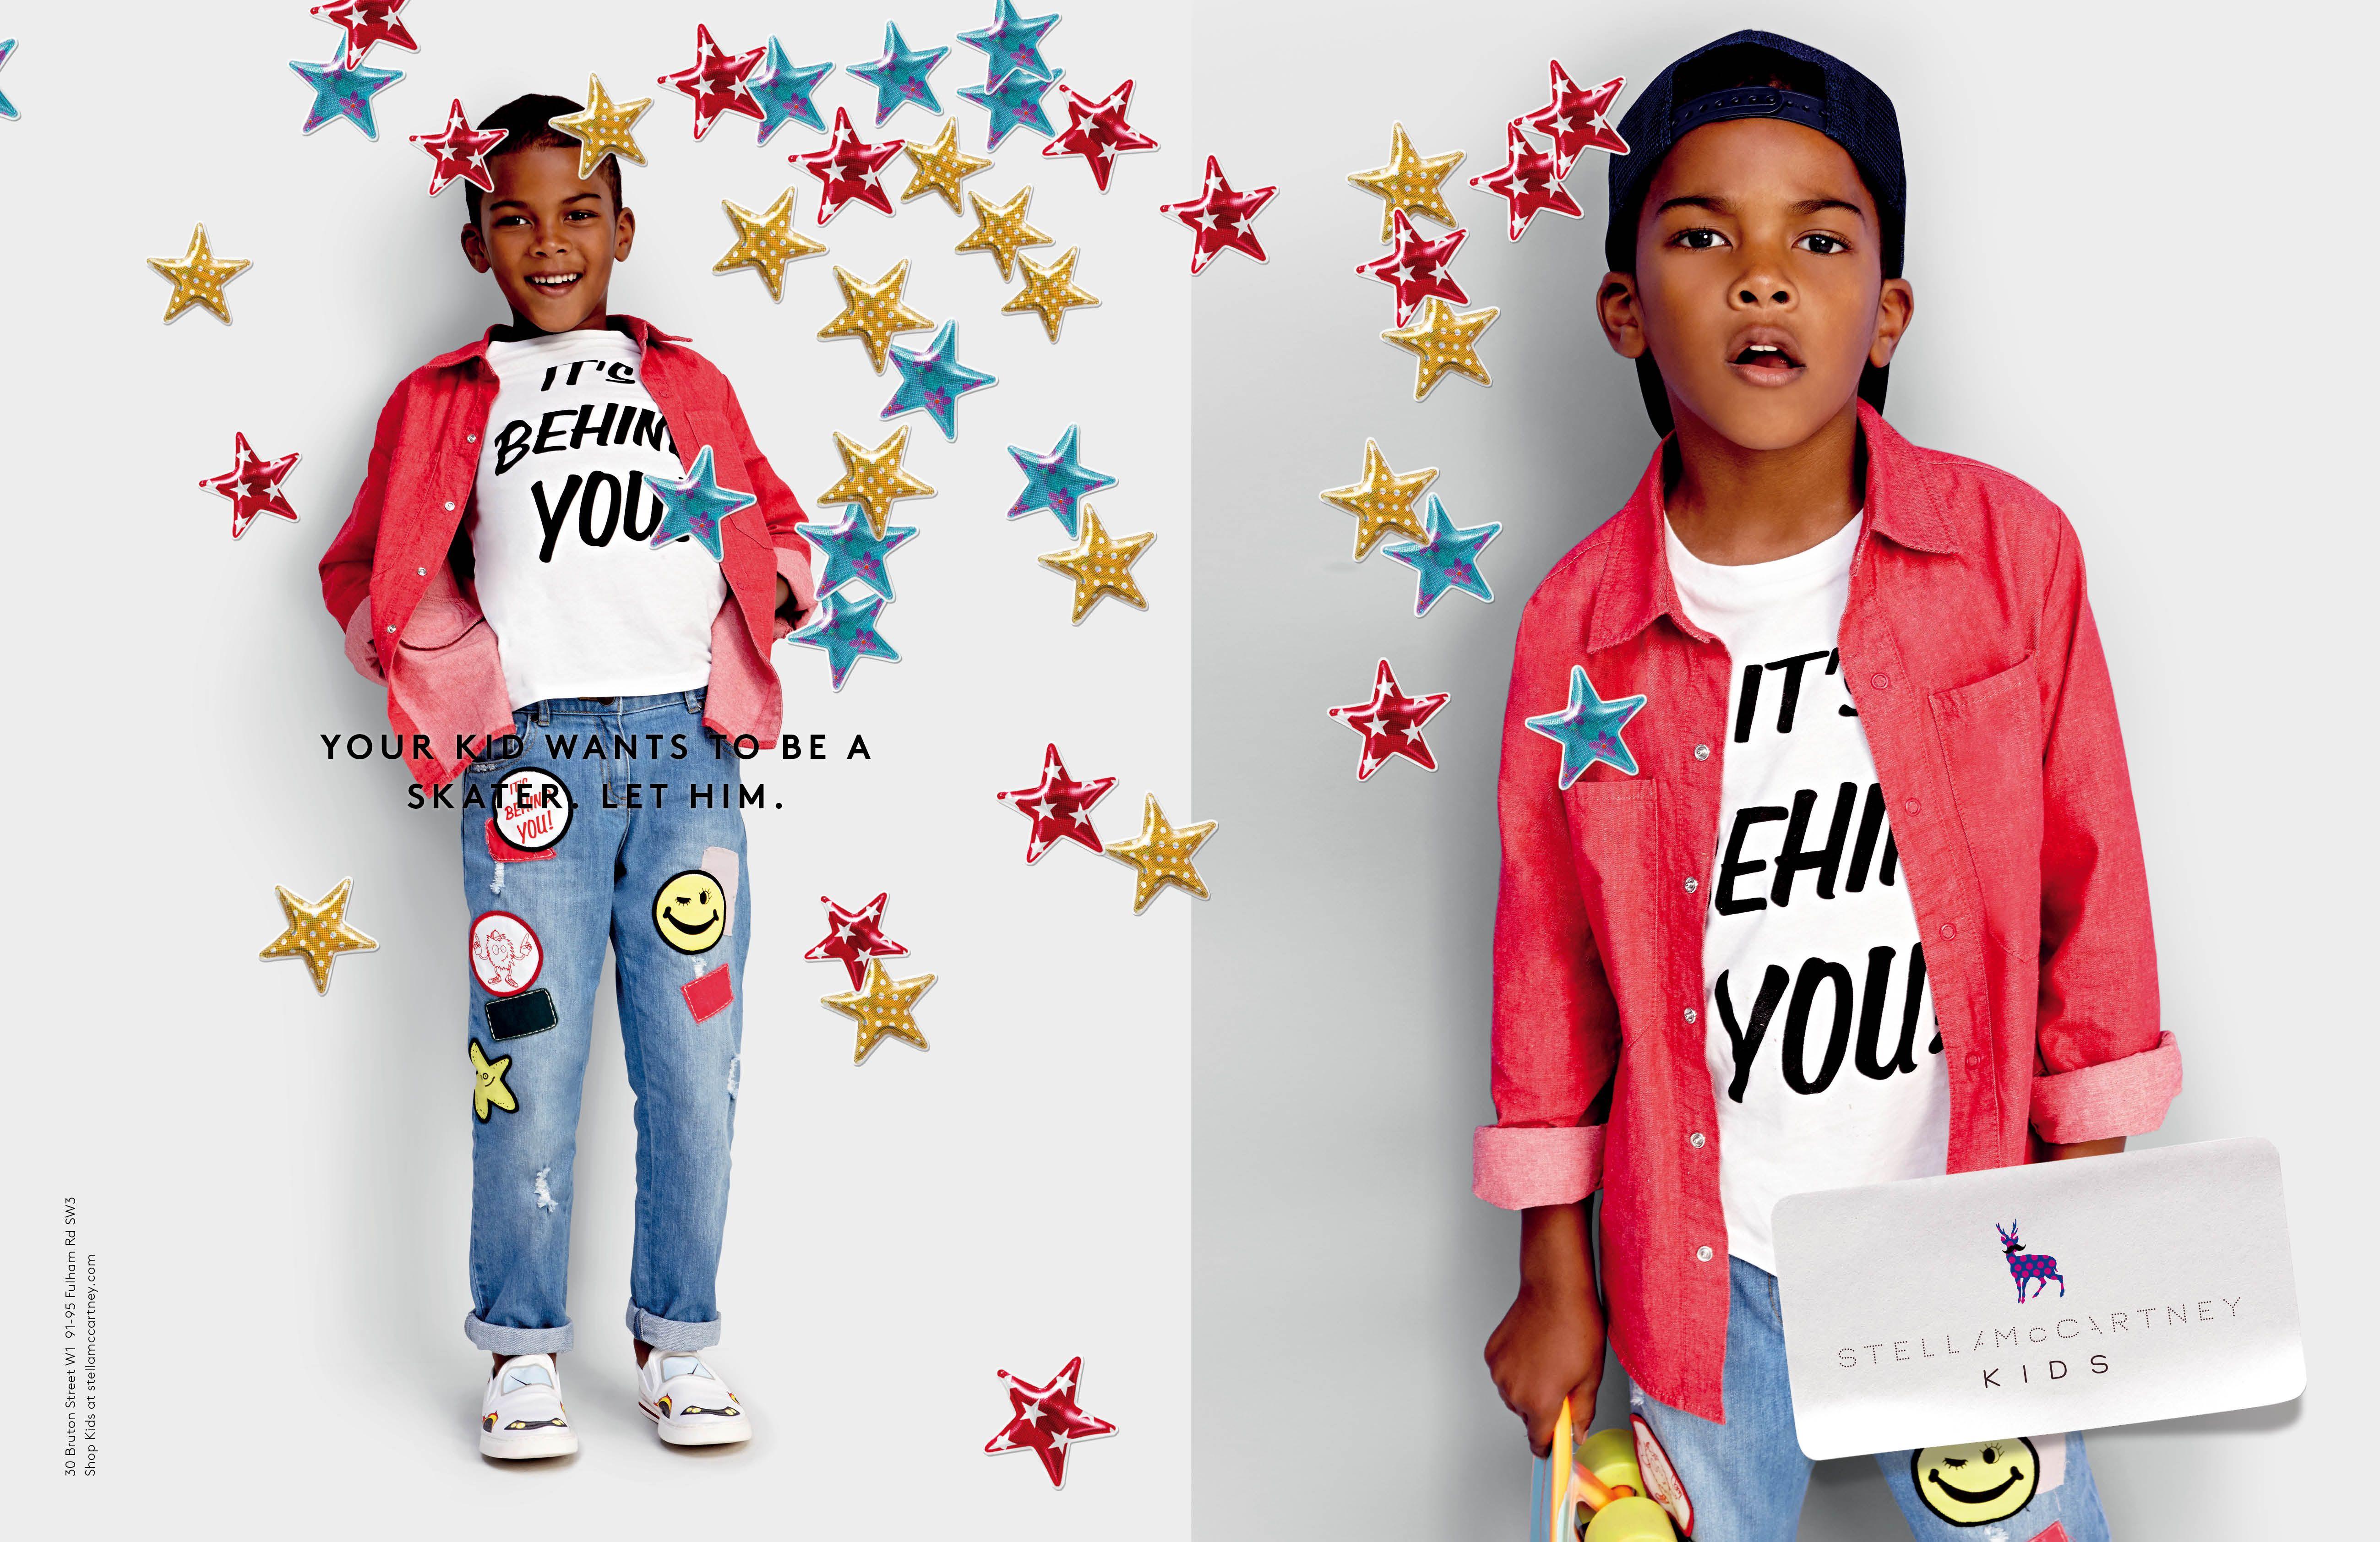 f1fae423dc86 The Stella McCartney Kids SS15 Campaign.  StellaKids